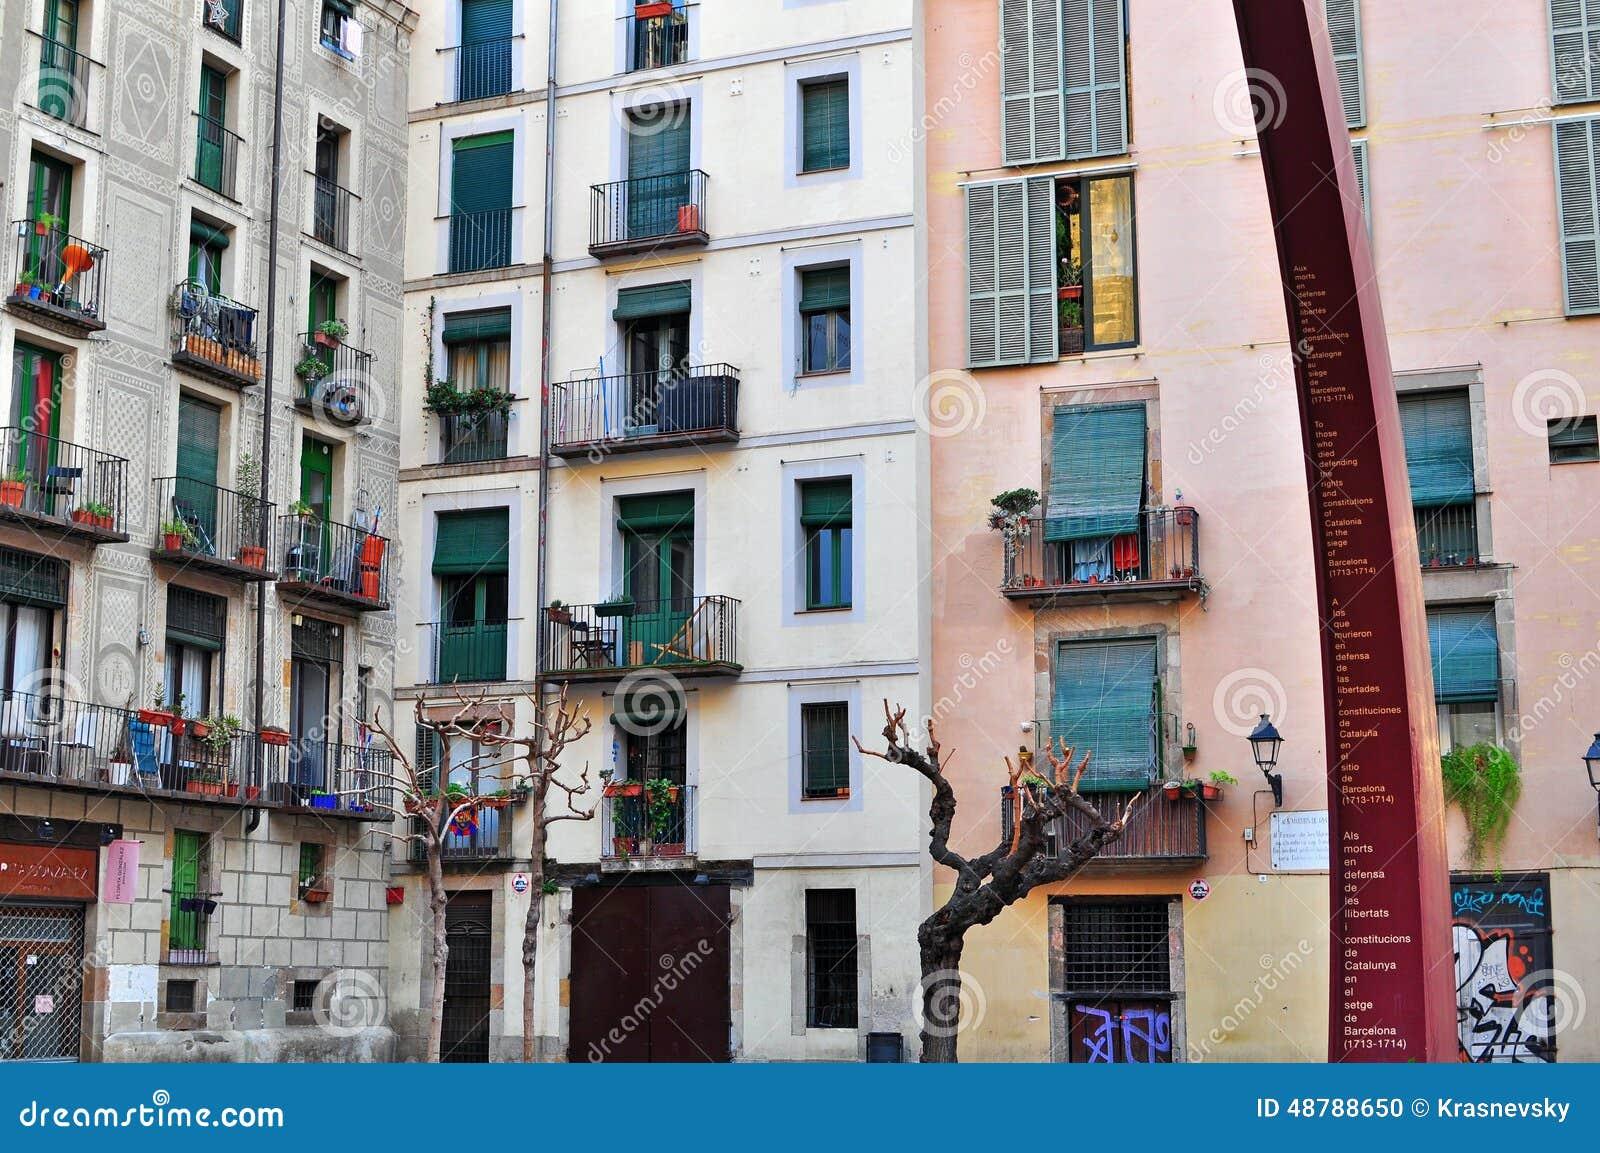 Casas De Barcelona Cidade Velha Imagem Editorial Imagem De Barcelona Casas 48788650